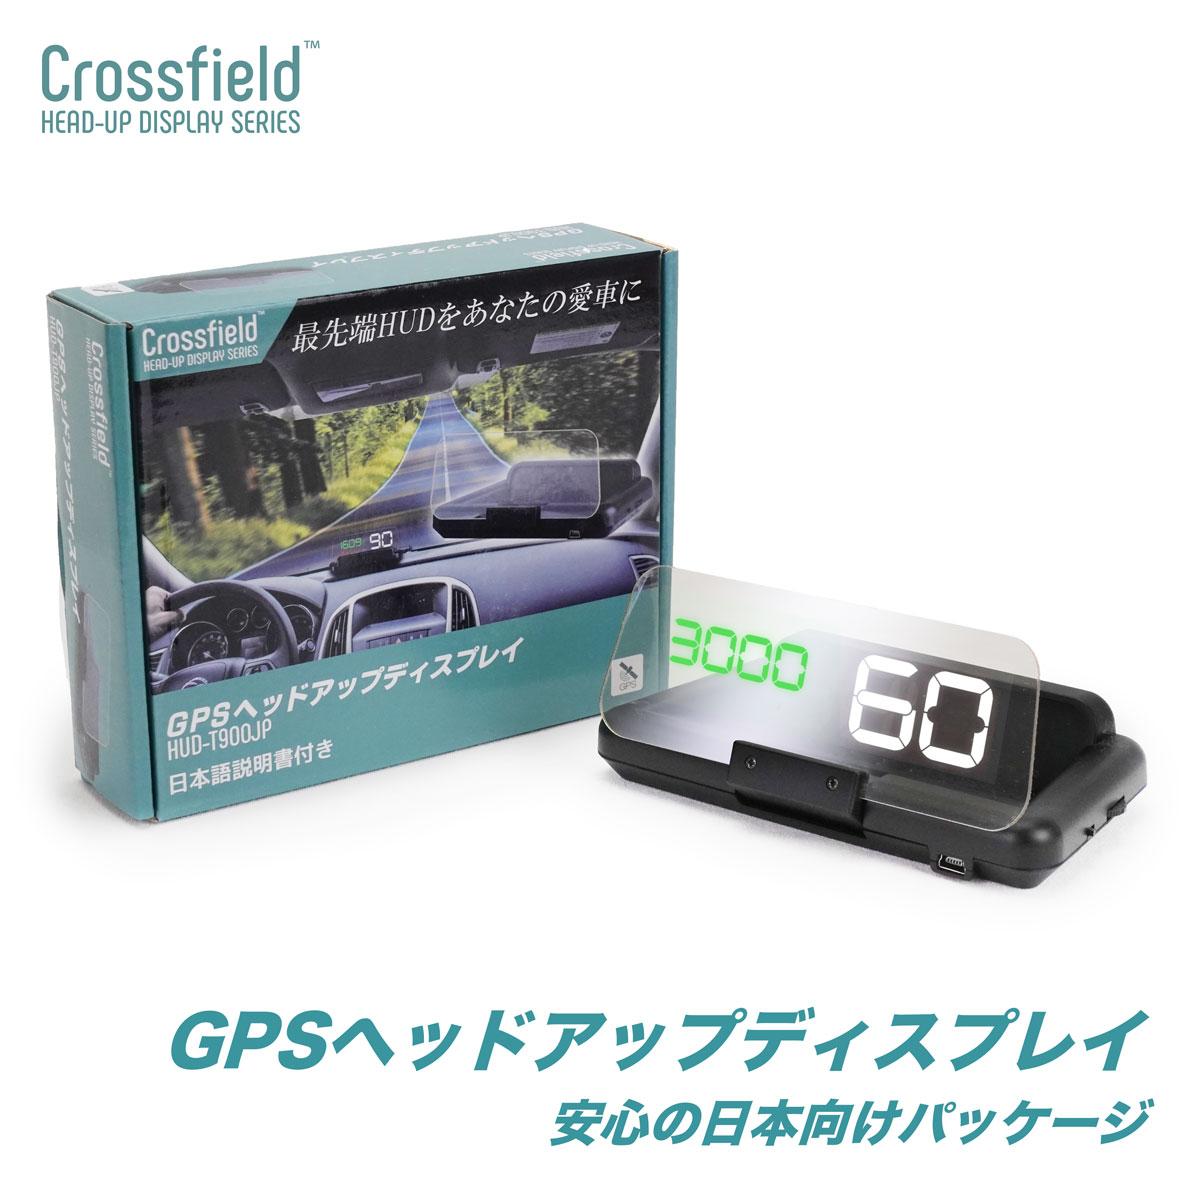 HUD ヘッドアップディスプレイ 投影 スピードメーター デジタル プロジェクター GPSタイプ 最先端モデル 近未来 T900